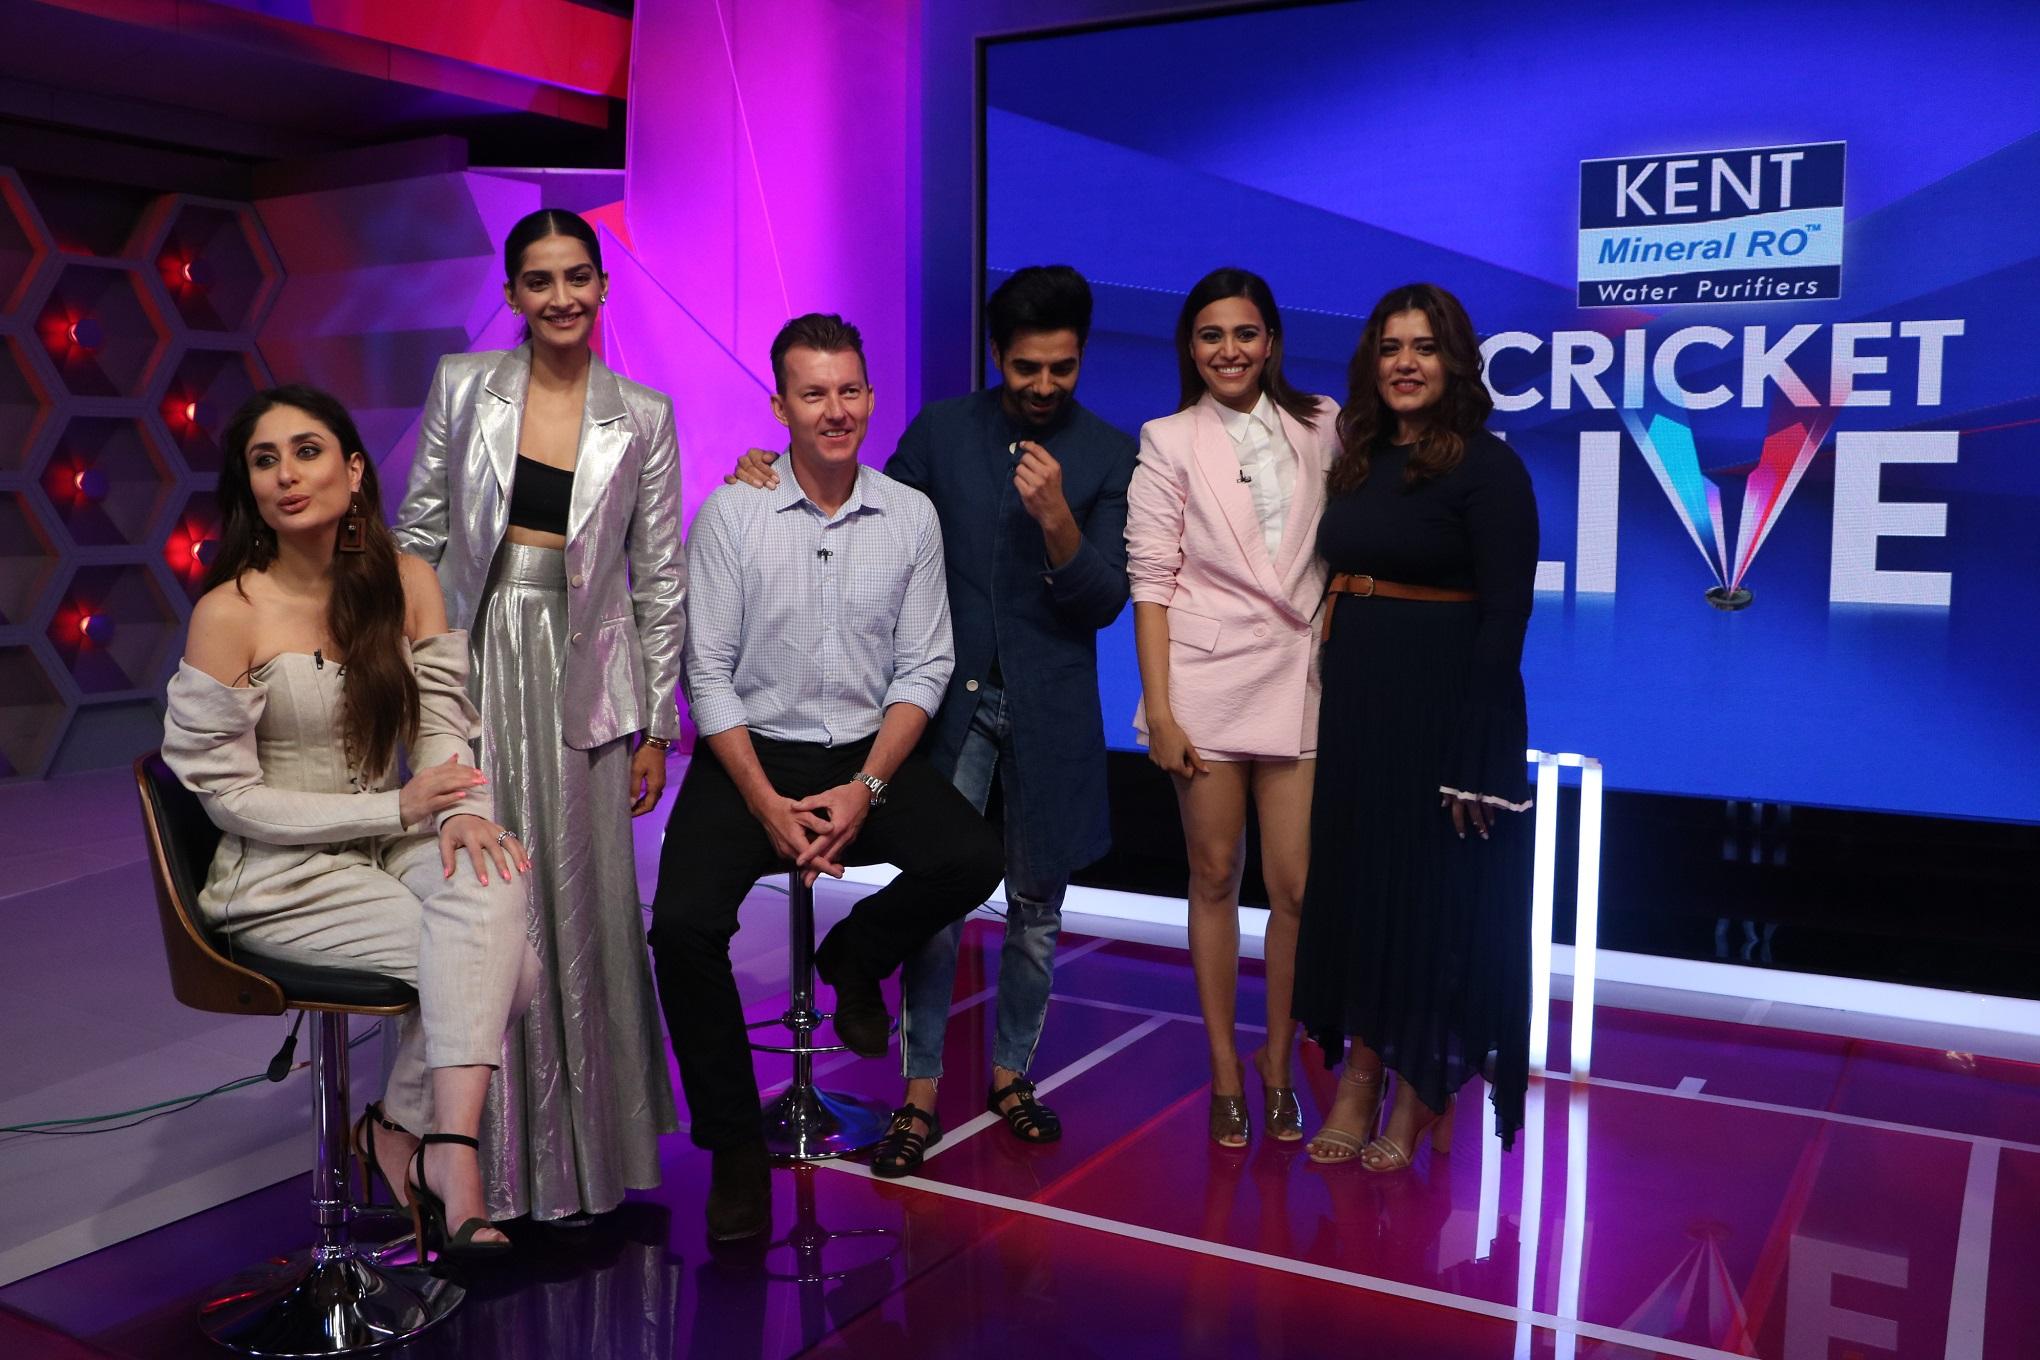 Kareena Kapoor Khan, Sonam Kapoor, Brett Lee, Aparshakti Khurana, Swara Bhaskar and Shikha Talsania at Kent Cricket Live on Star Sports Network 1